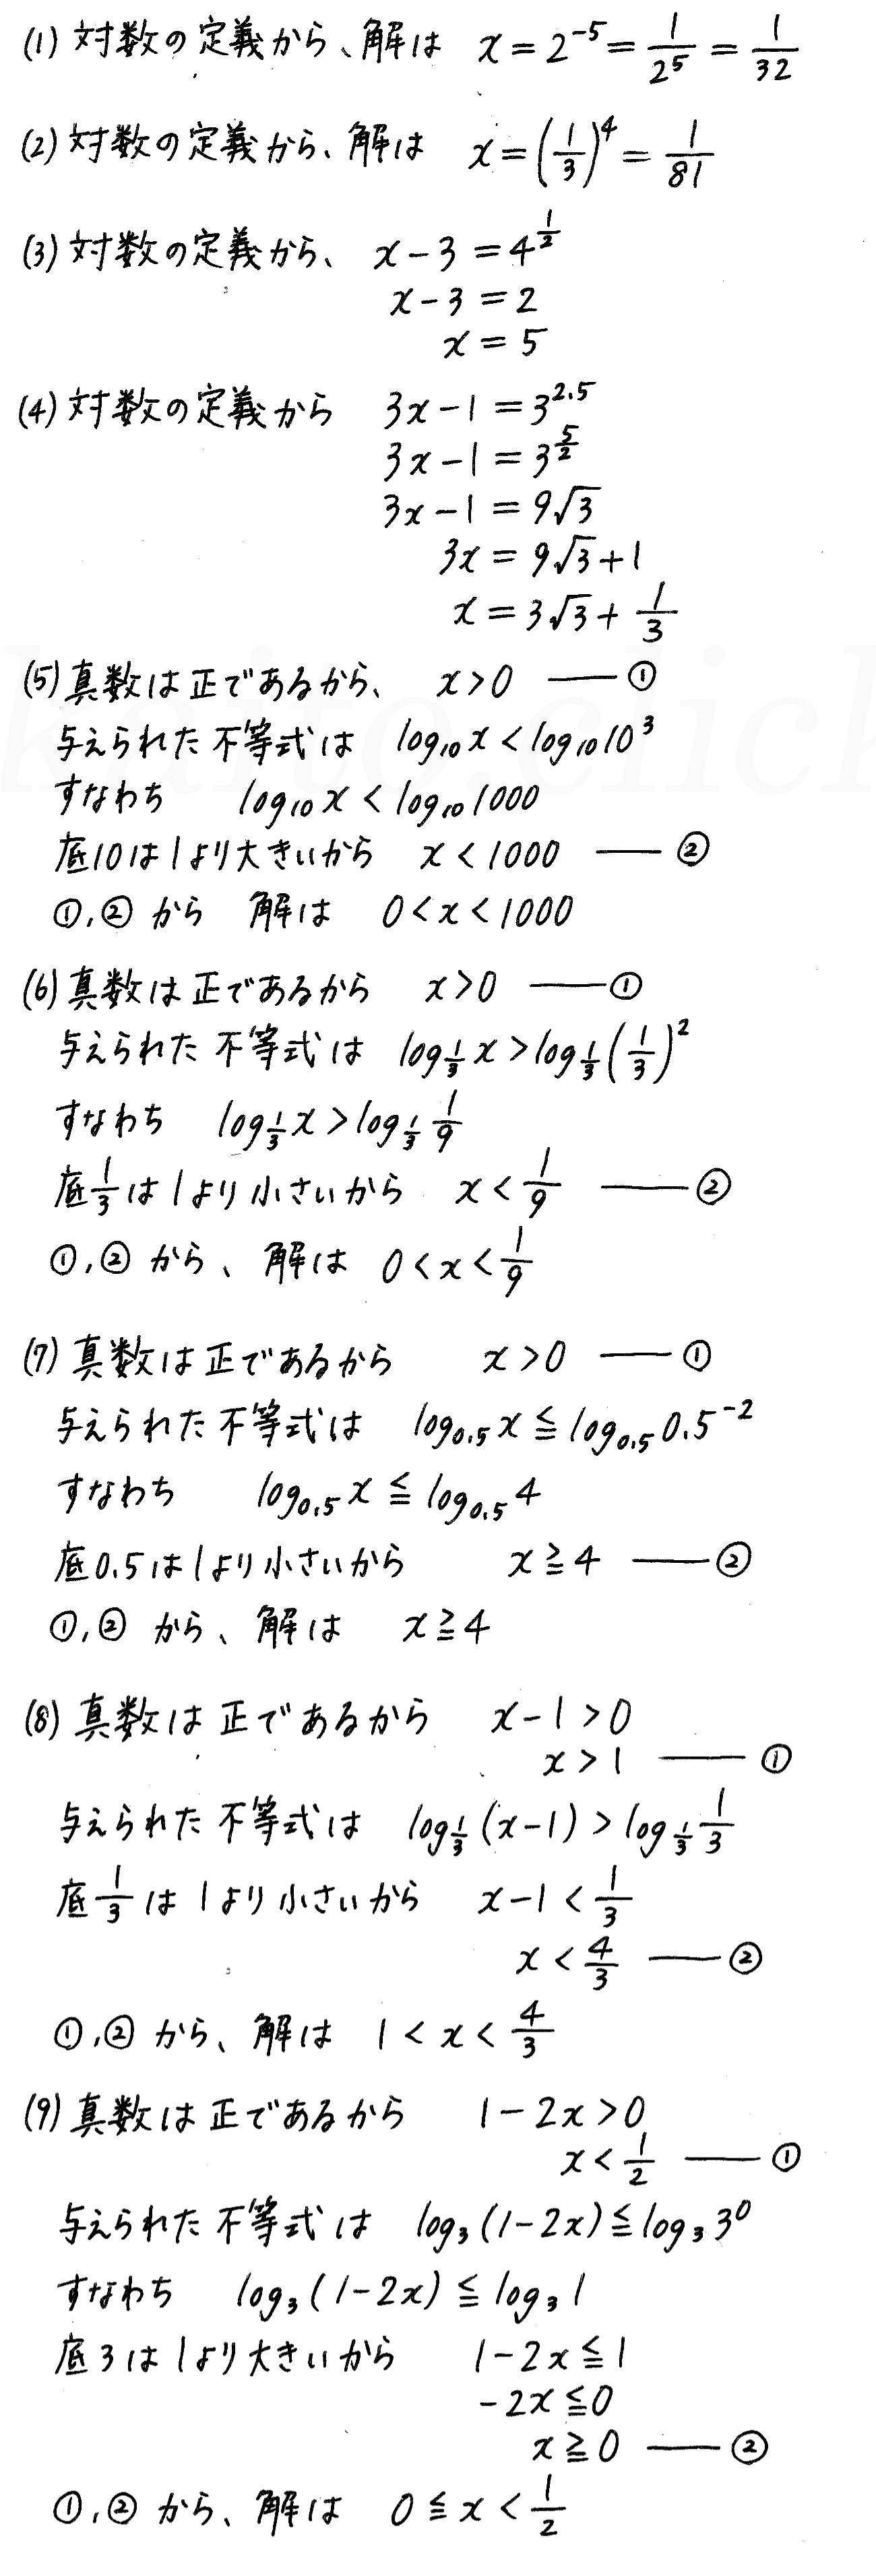 4STEP数学2-368解答